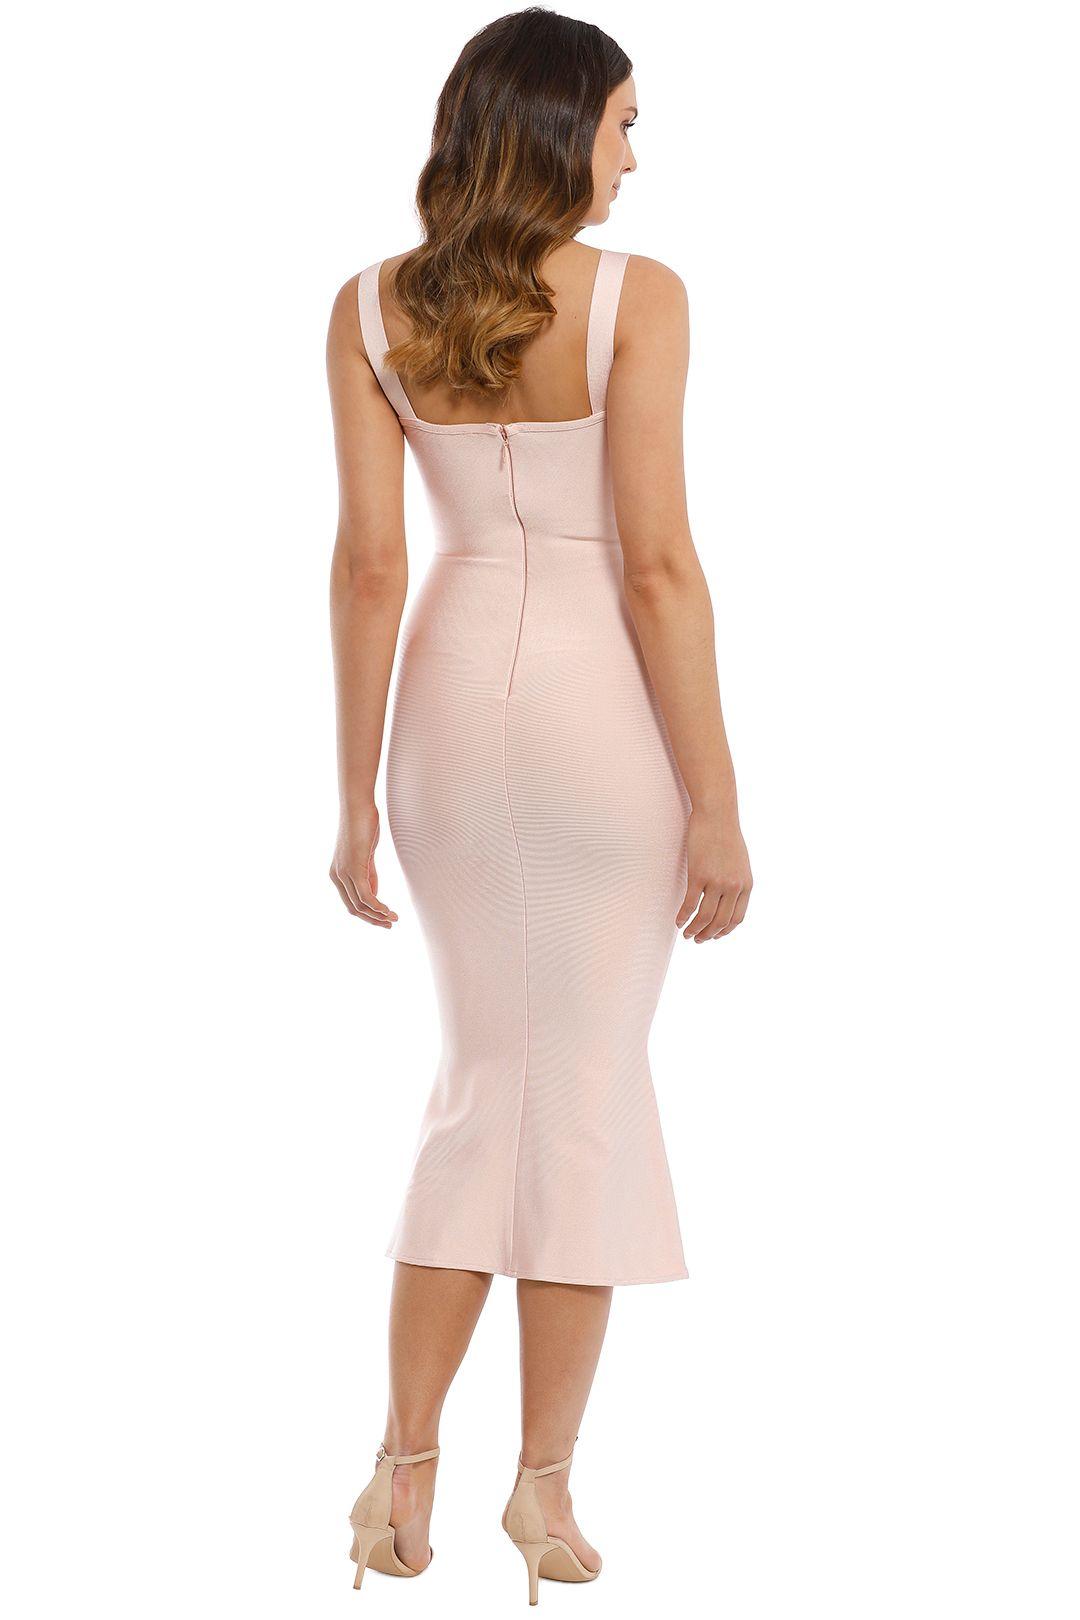 Elliatt - Kim Dress - Blush - Back